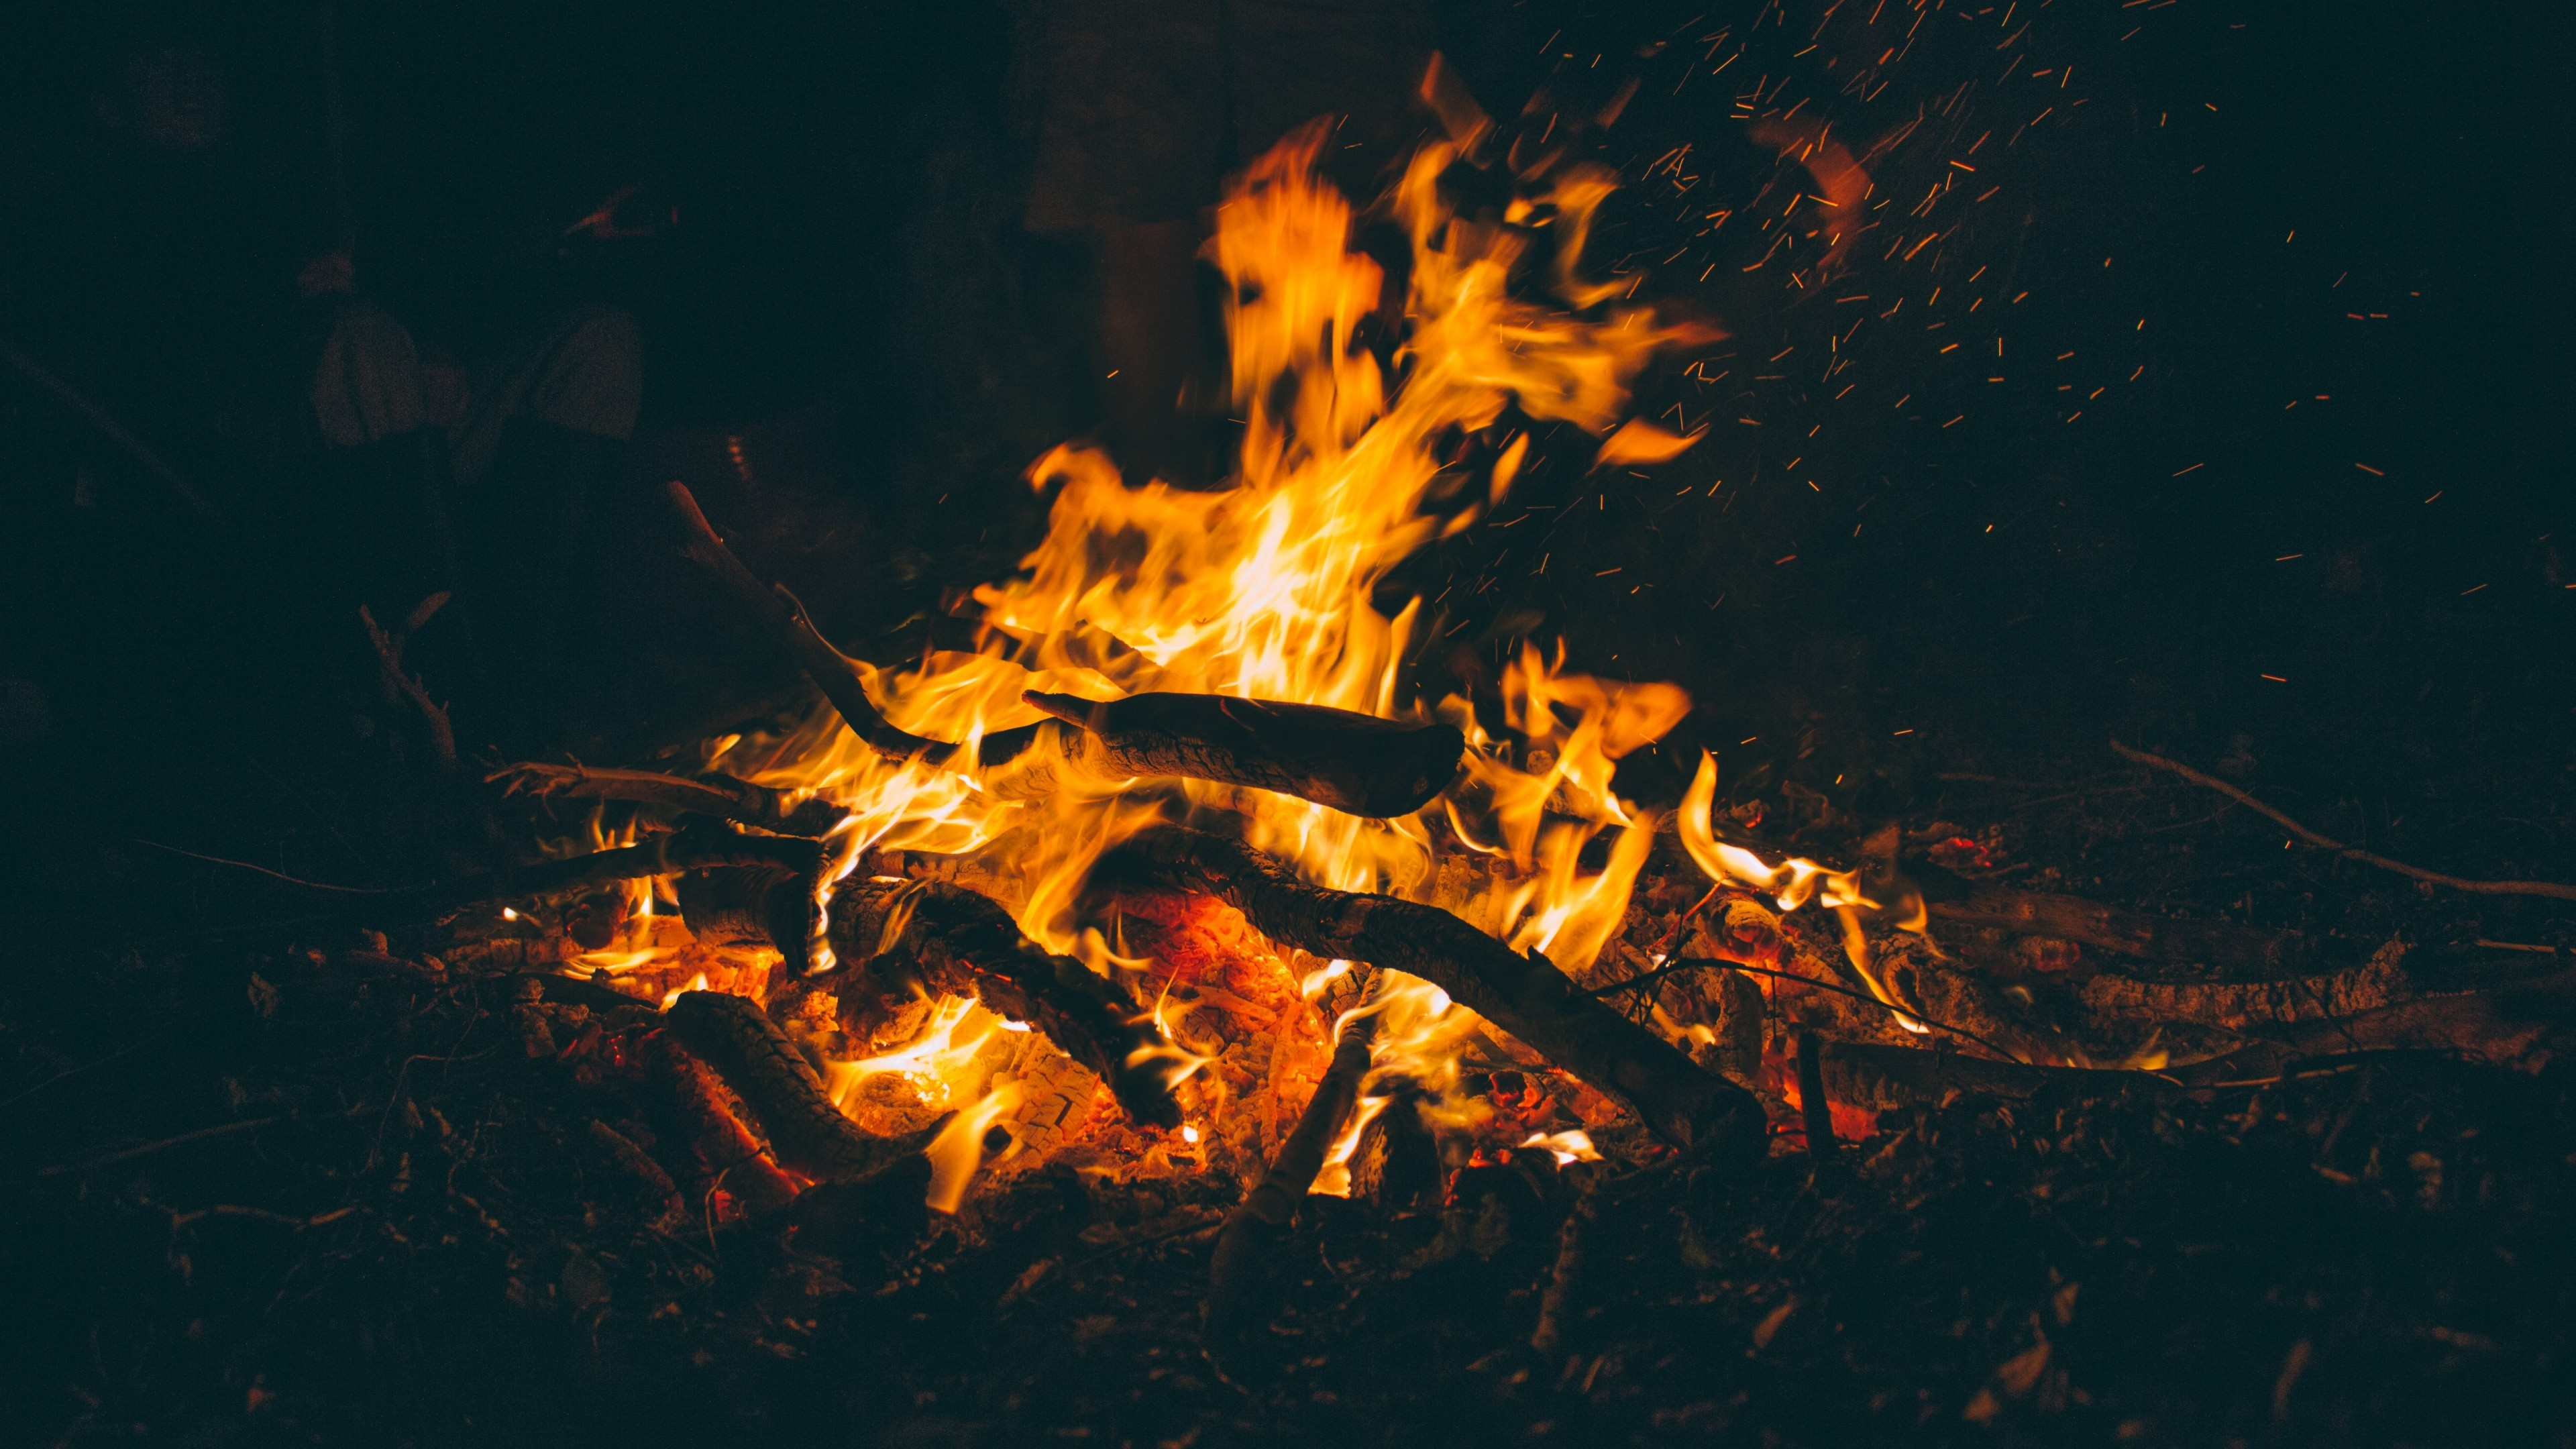 Wallpaper fire, firewood, ash